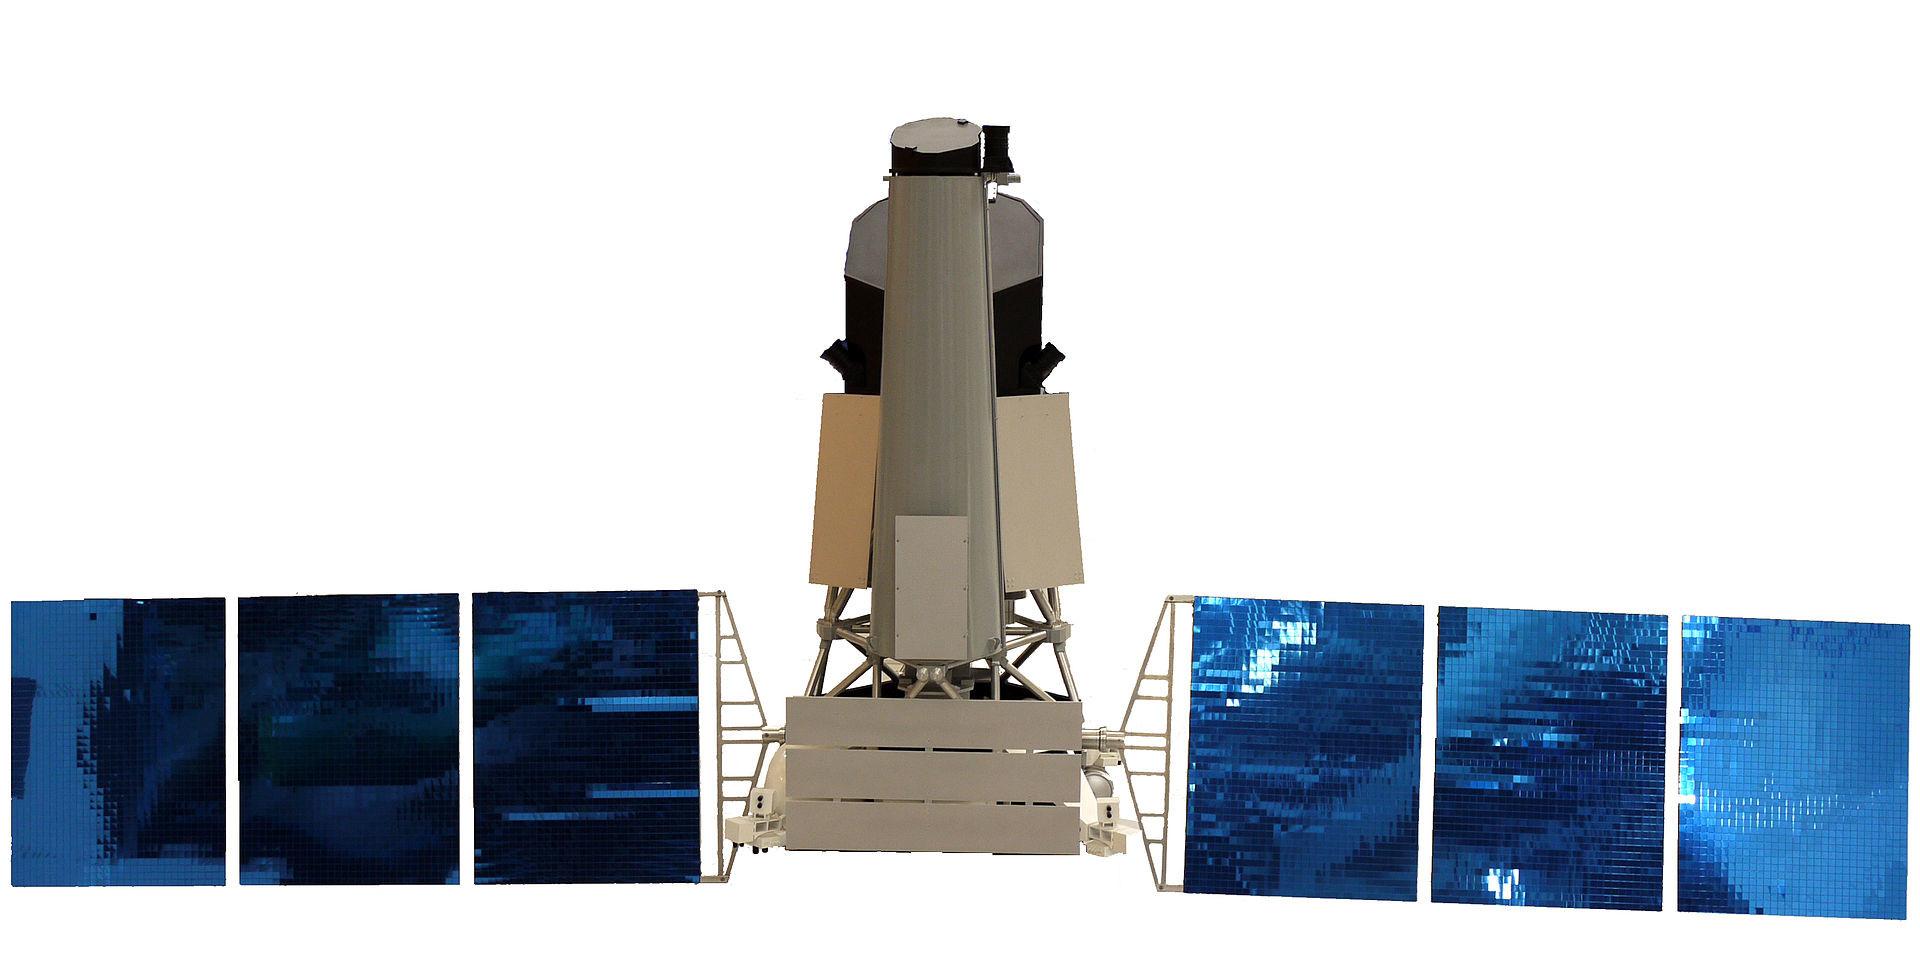 Maquette de Spektr-RG présentée au salon du Bourget 2011